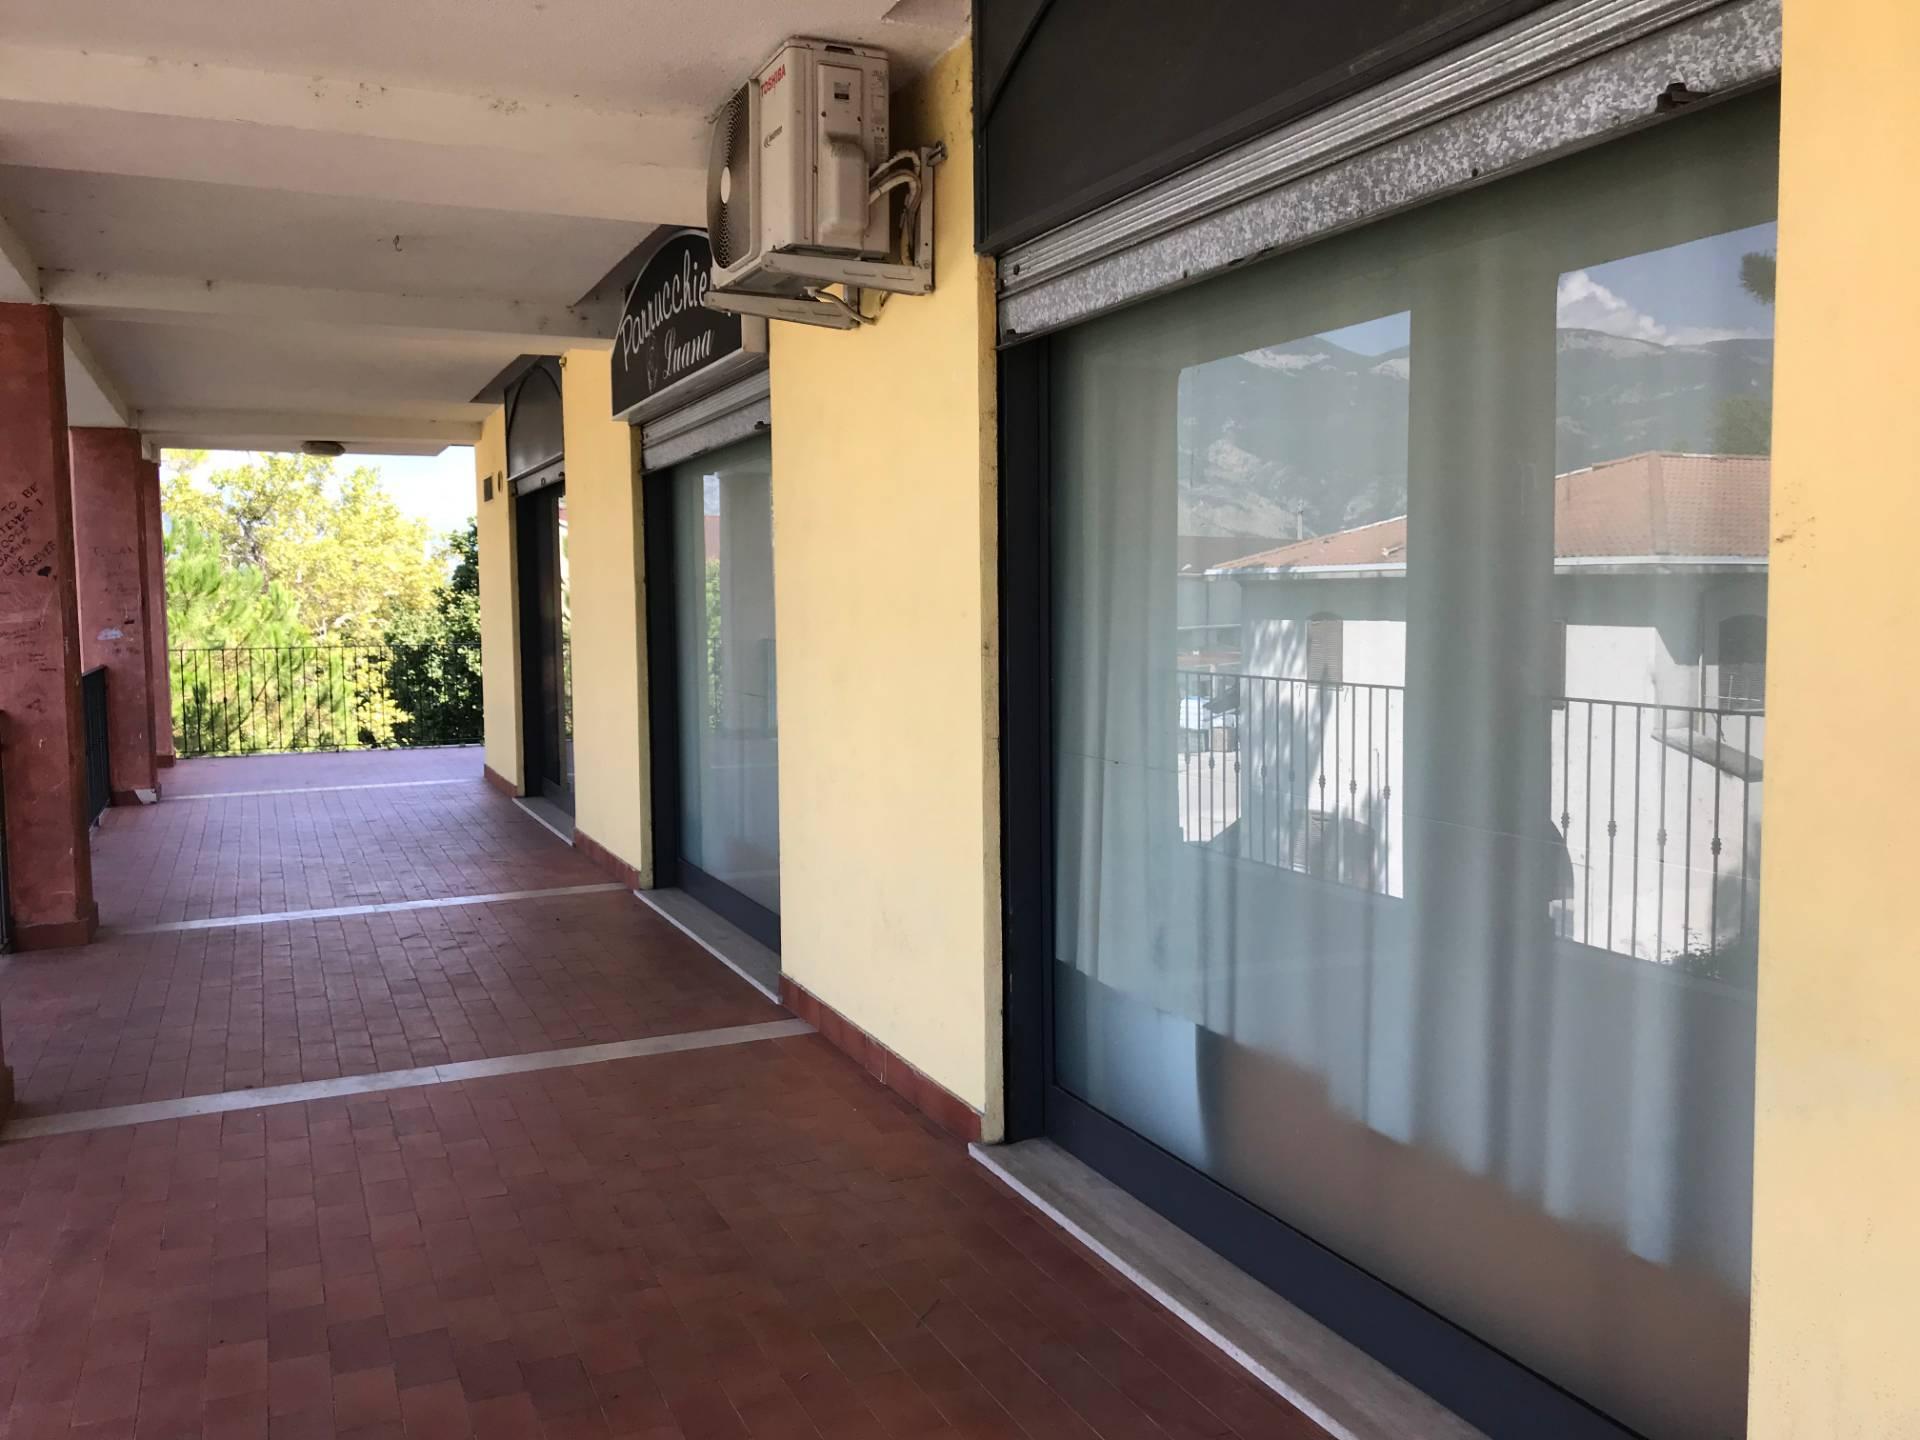 Negozio / Locale in vendita a Sora, 9999 locali, zona Zona: Carnello, prezzo € 140.000 | CambioCasa.it